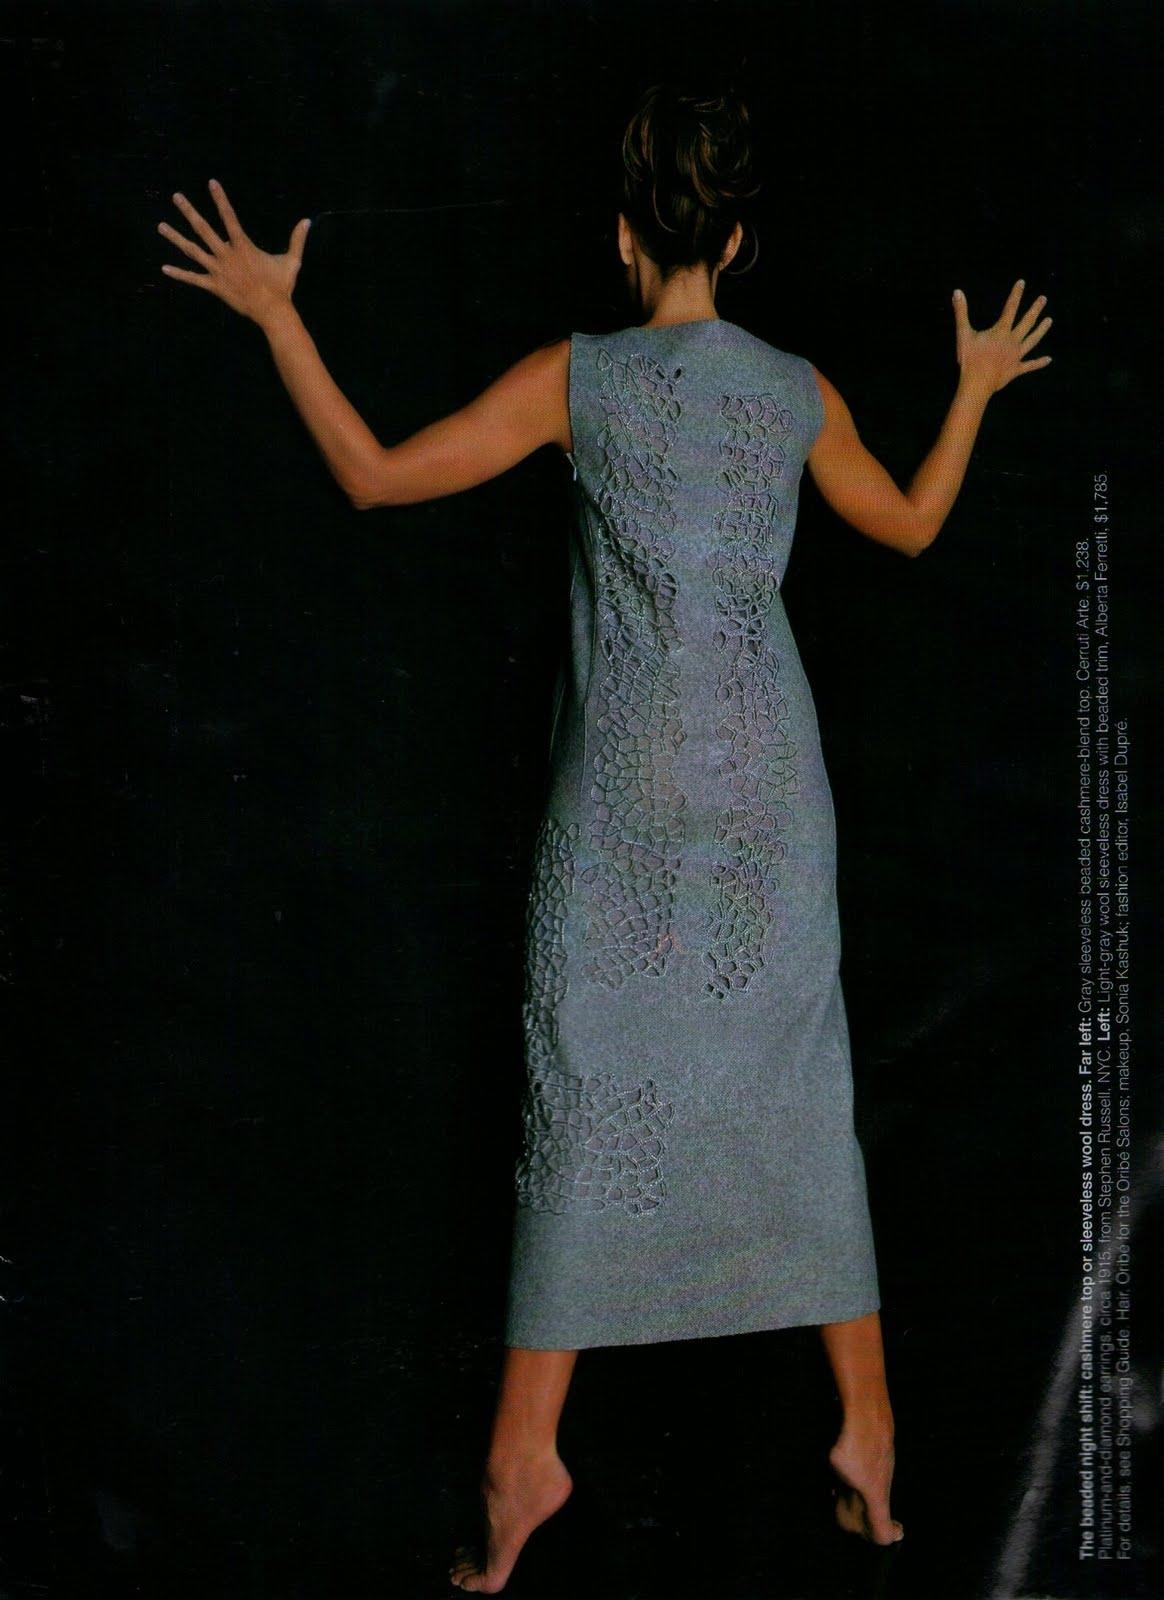 http://2.bp.blogspot.com/-tWB-UCUAVdk/TksWV3_oaZI/AAAAAAAAA7w/nuWhow2_QQo/s1600/CindyCrawford.jpg